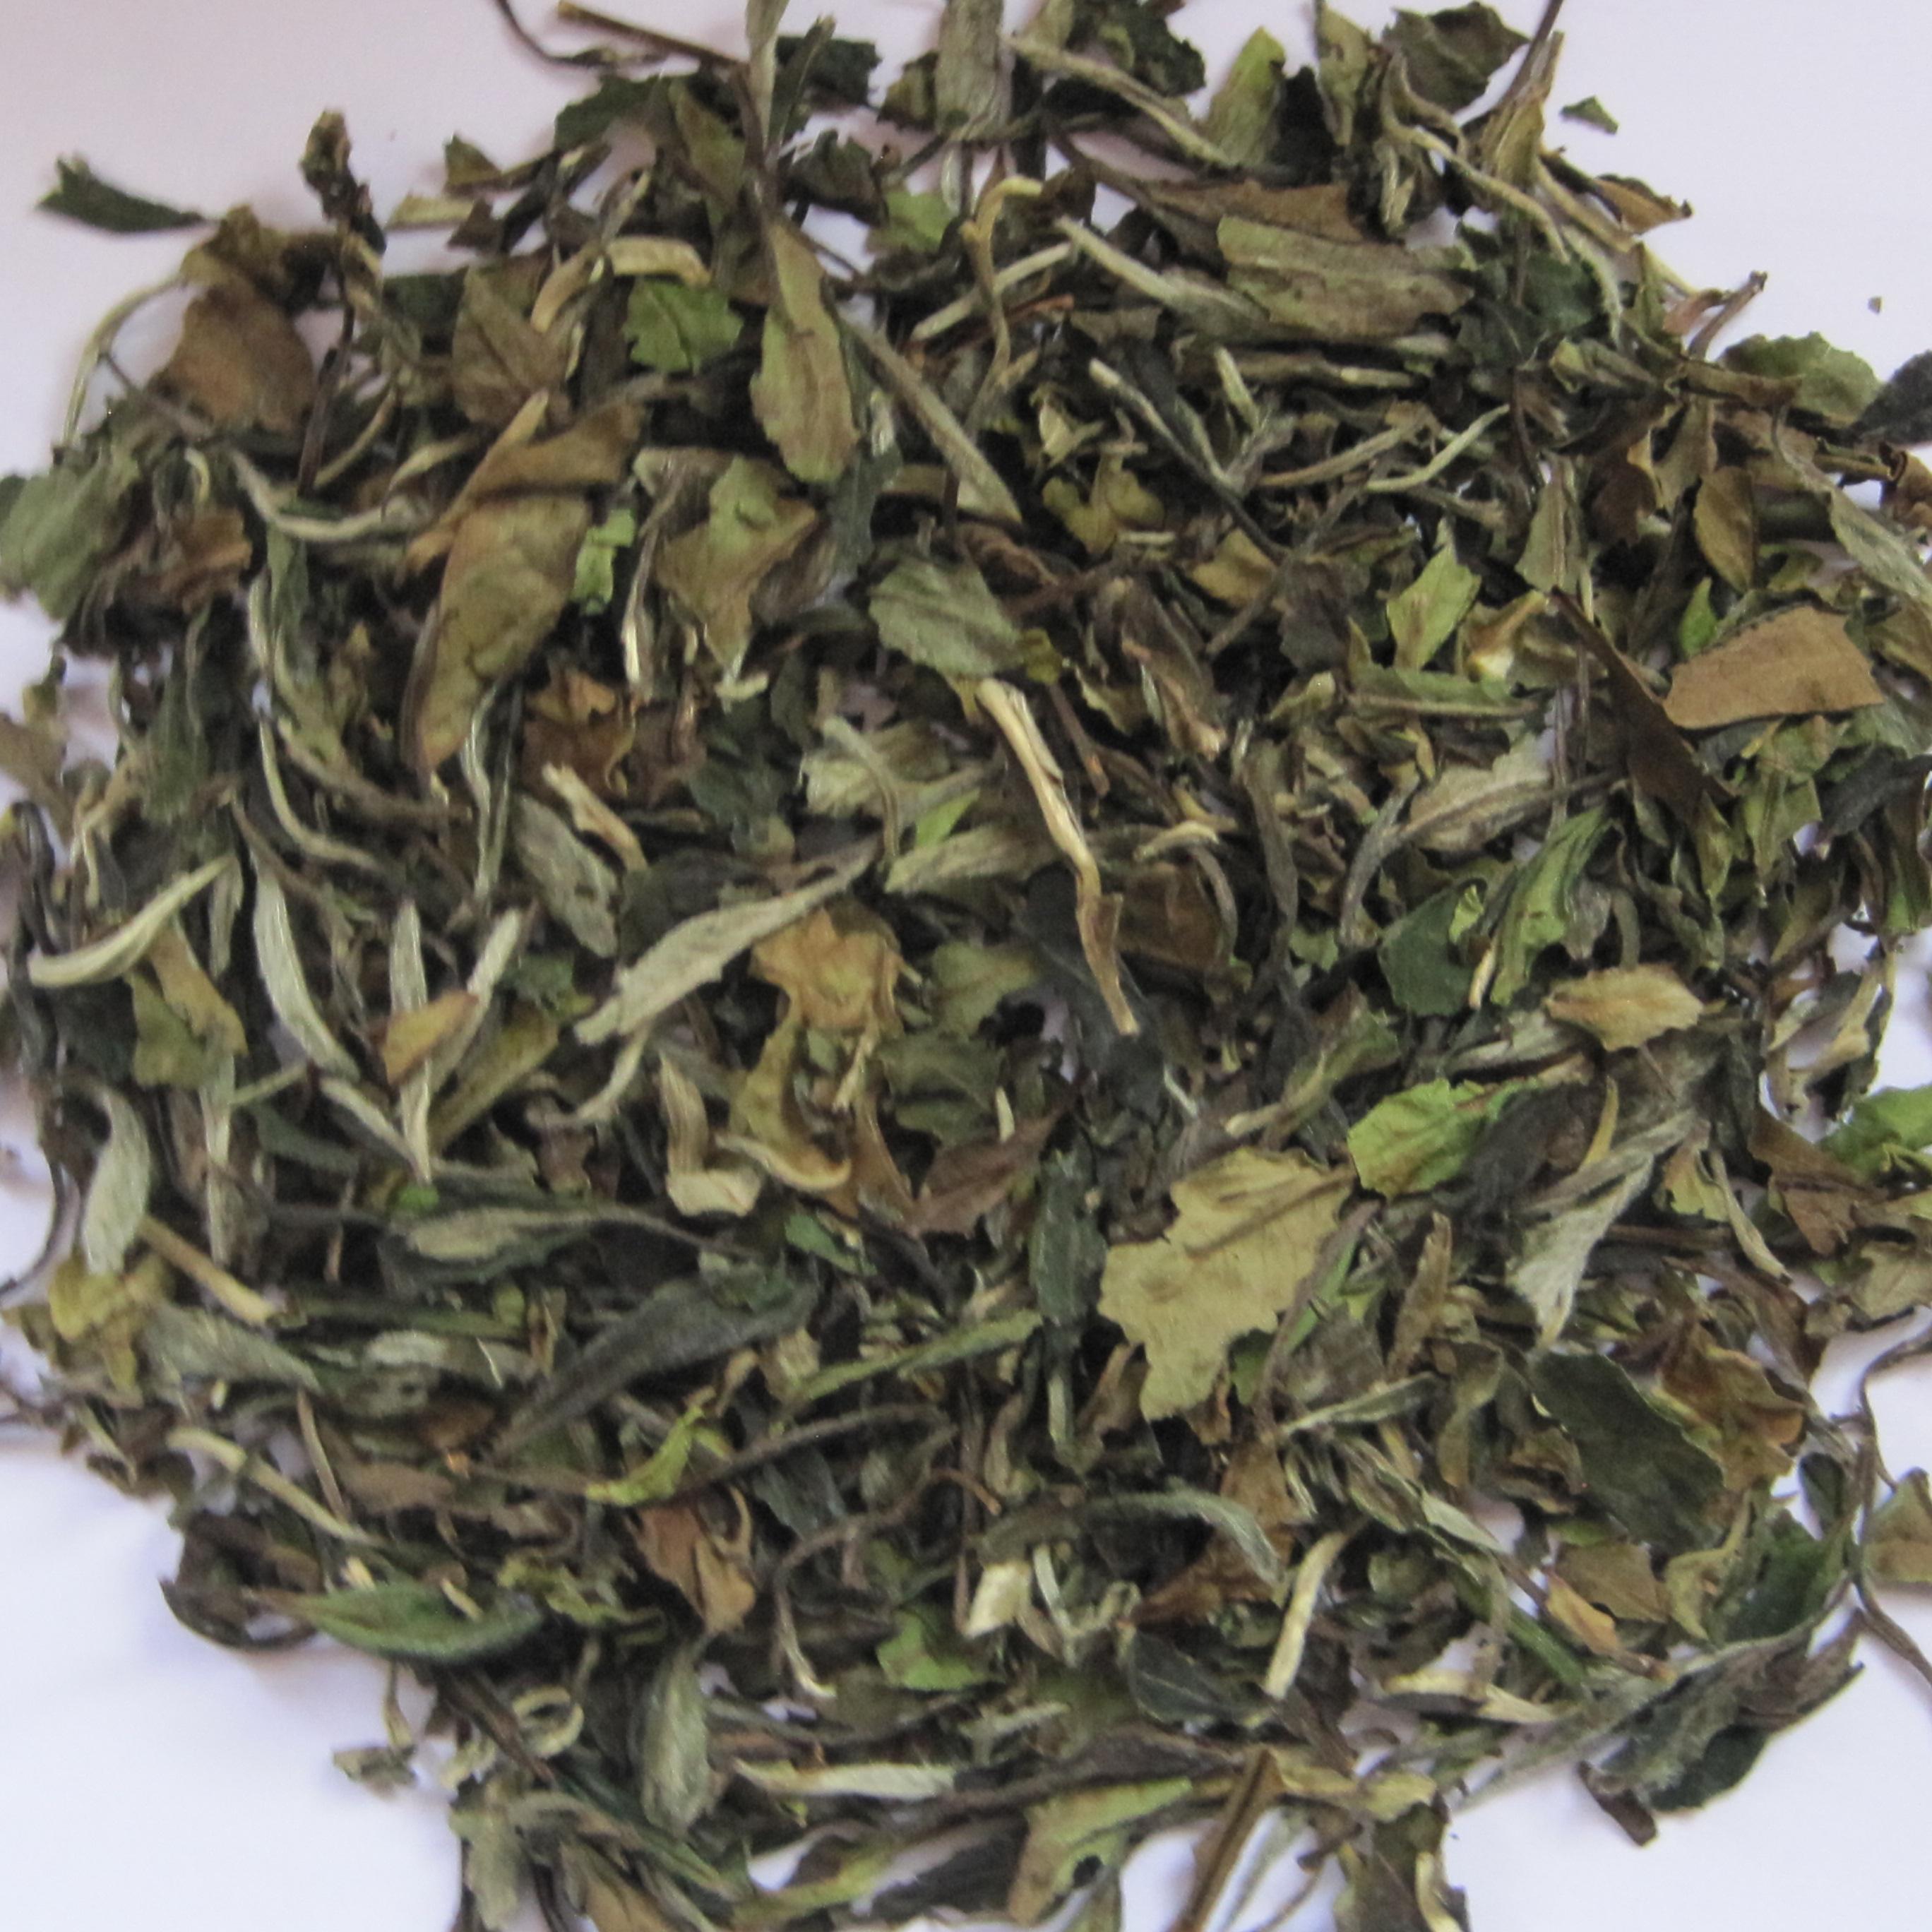 Chinese EU compliant White tea beat price Whits Peony 01top garde Fuding white tea - 4uTea   4uTea.com